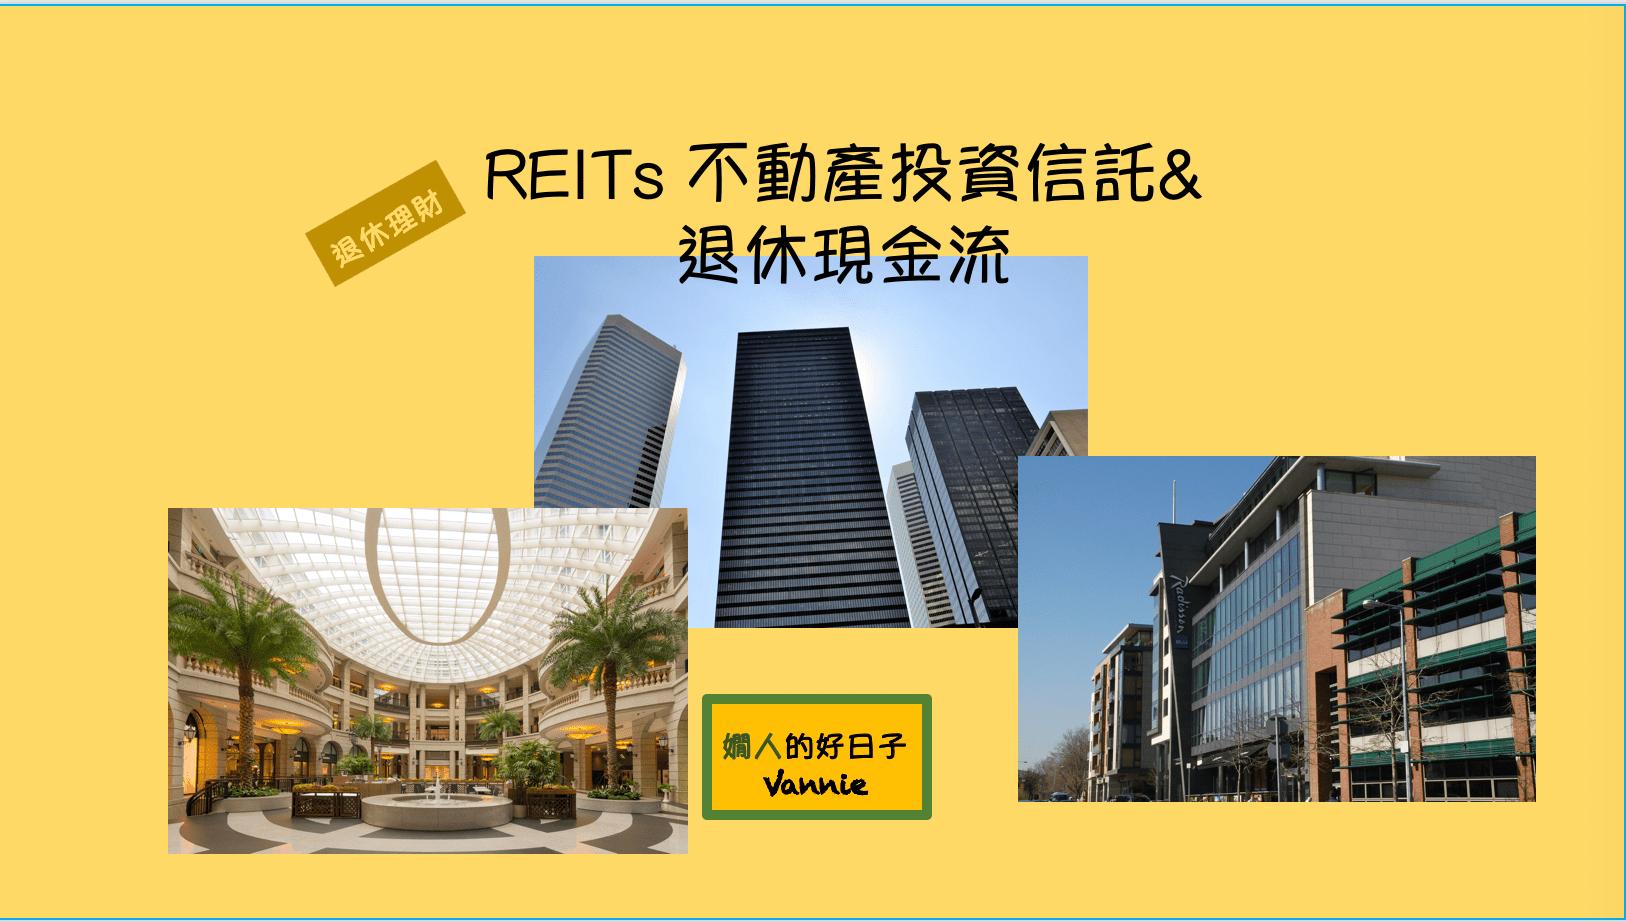 REITs是什麼 ? 退休金可以投資台灣的 REITs 嗎?(4版)